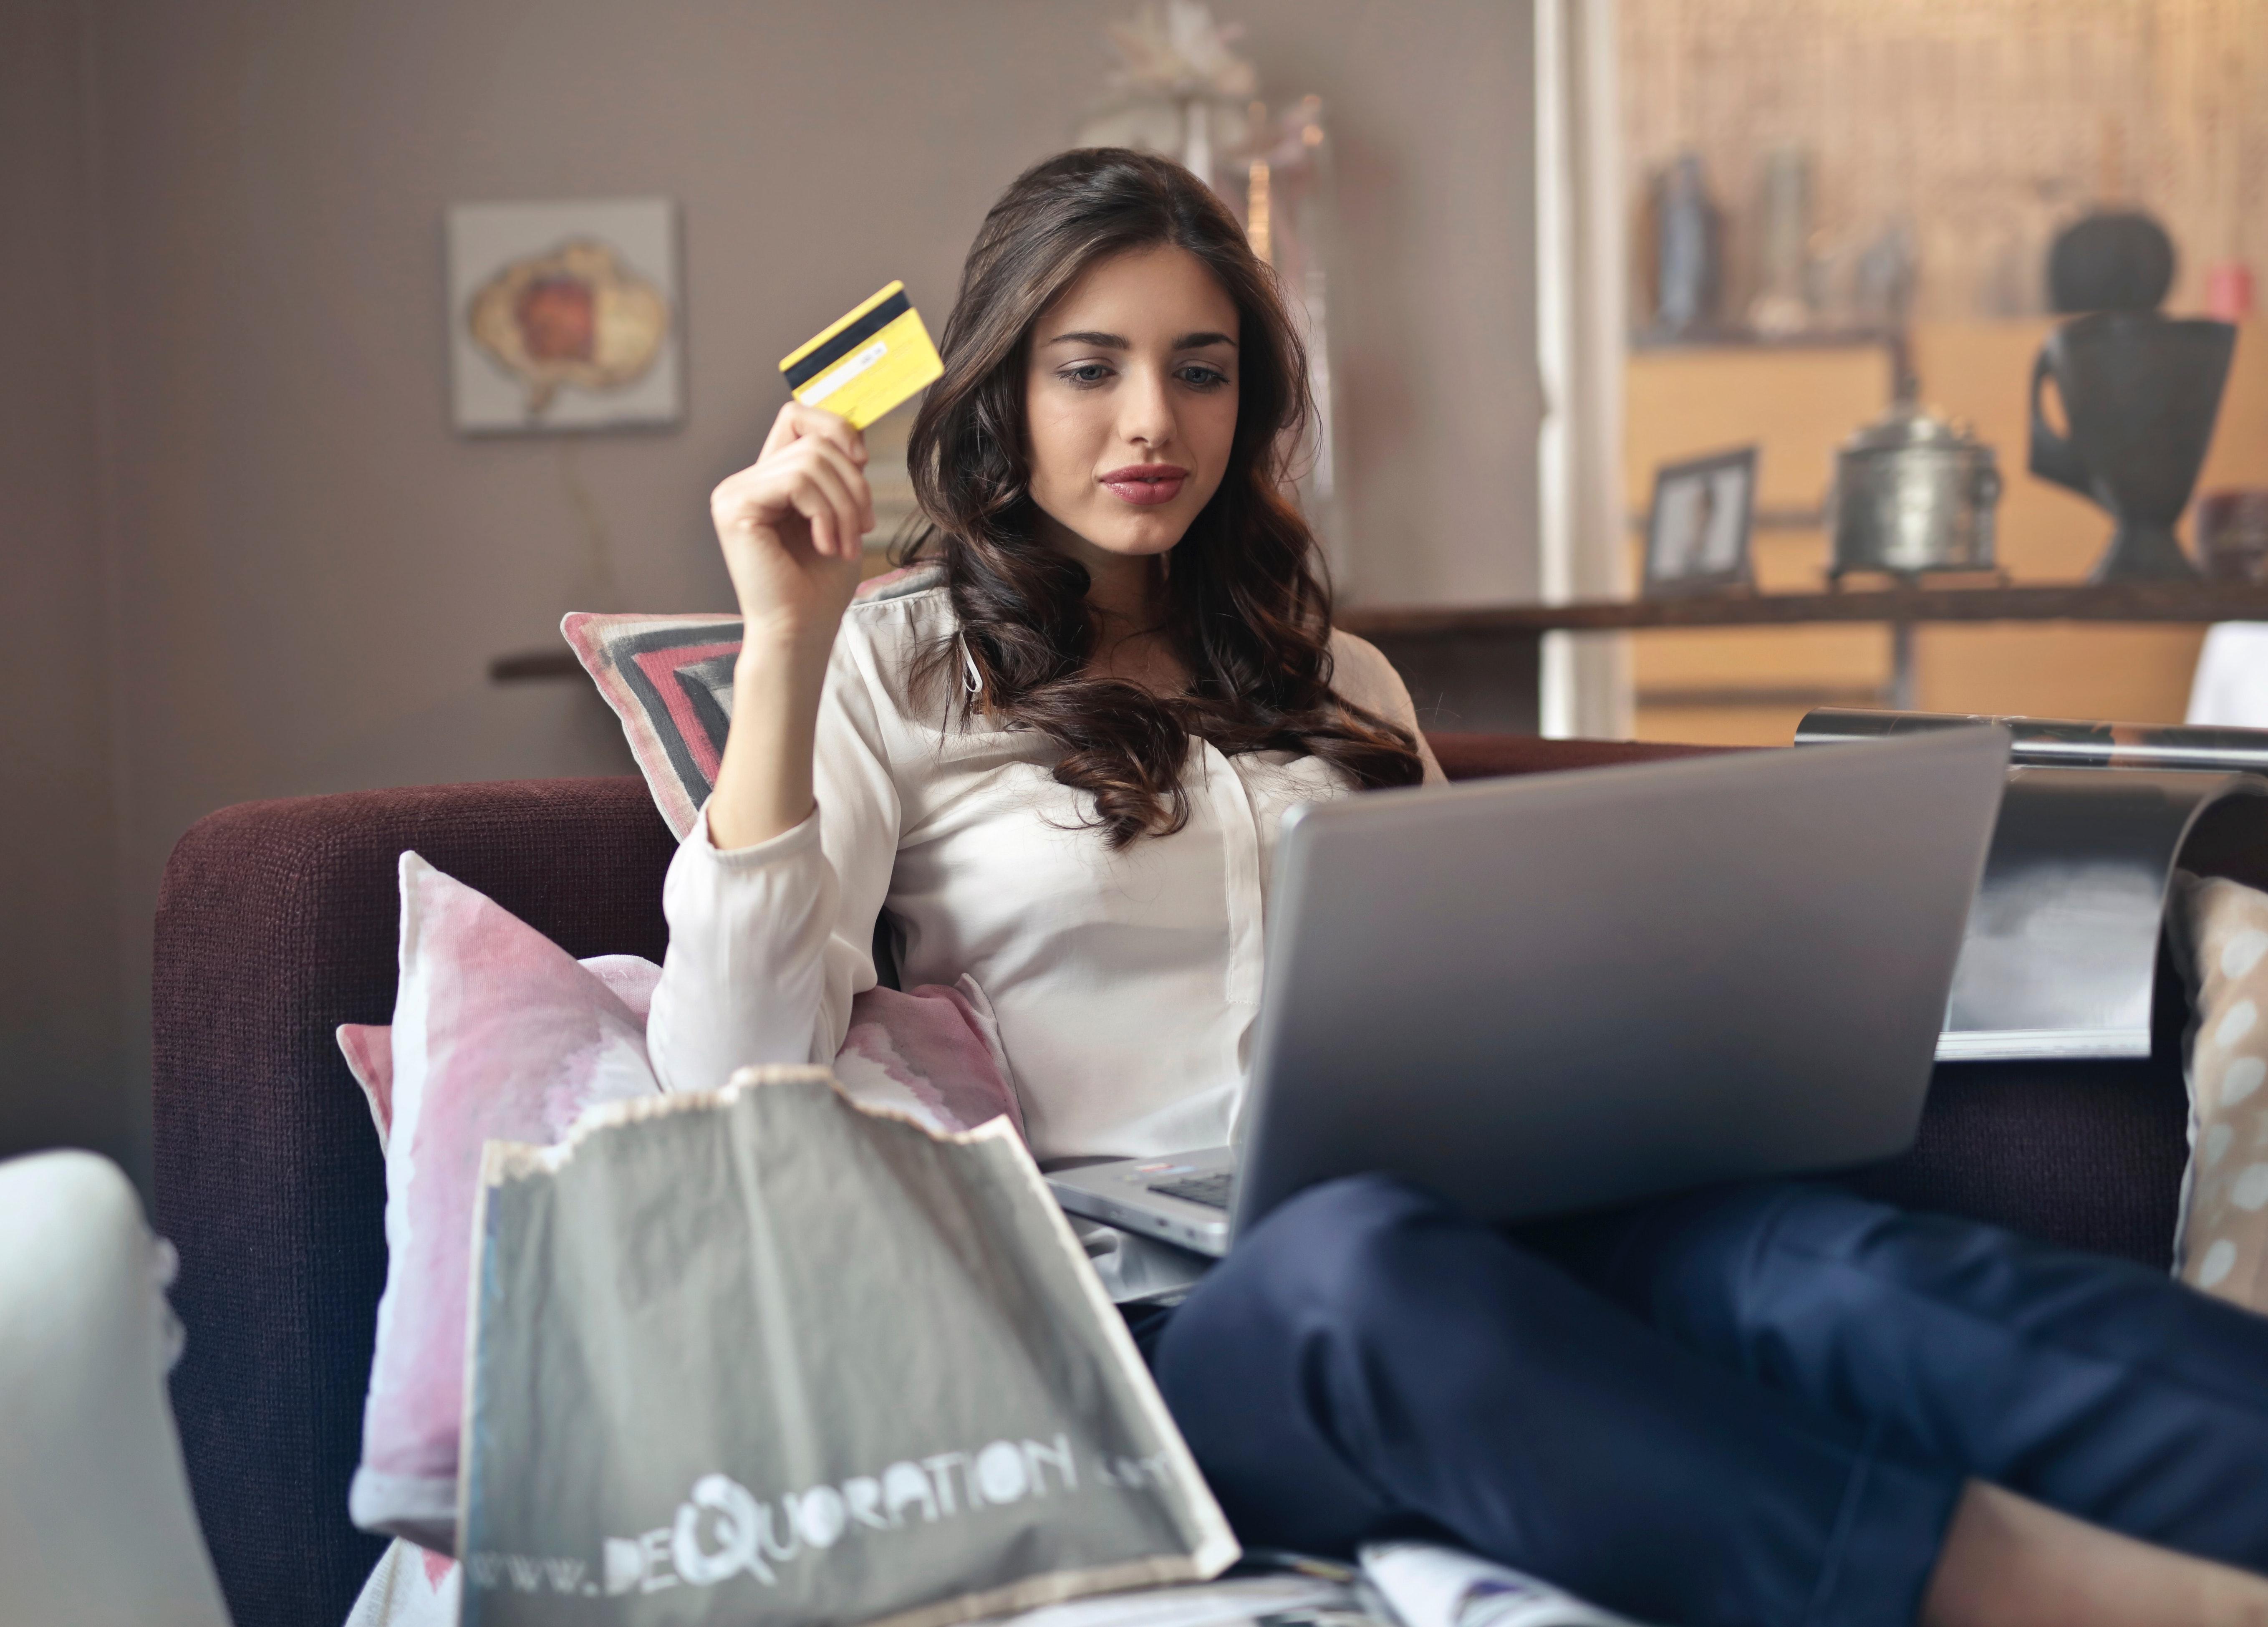 Acquisti online: come evitare le truffe